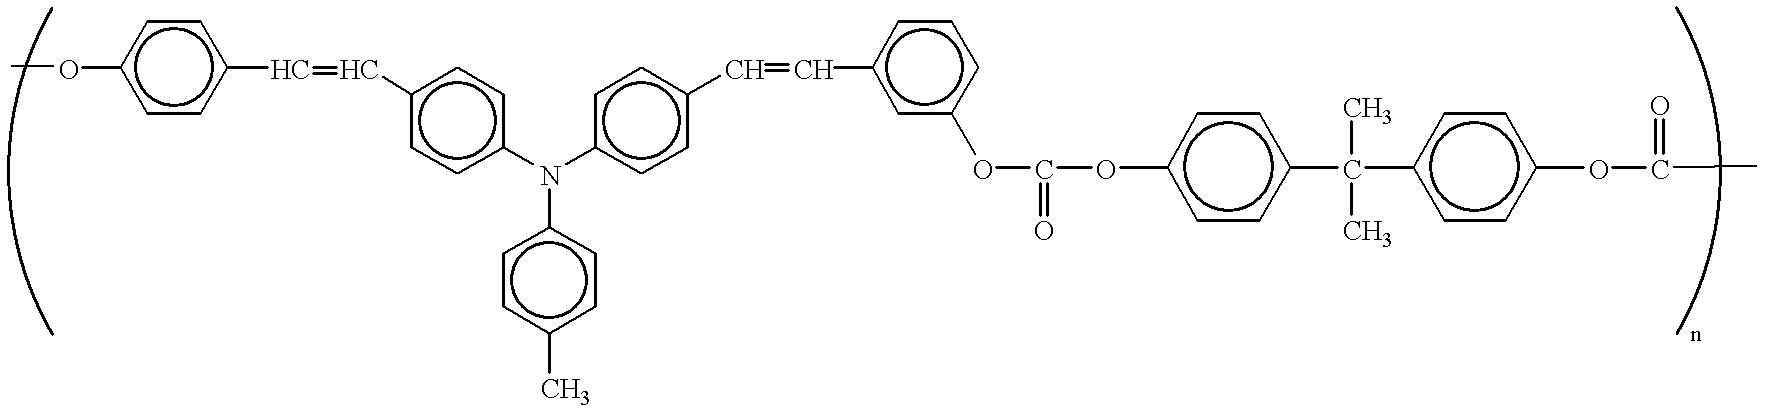 Figure US06558863-20030506-C00073